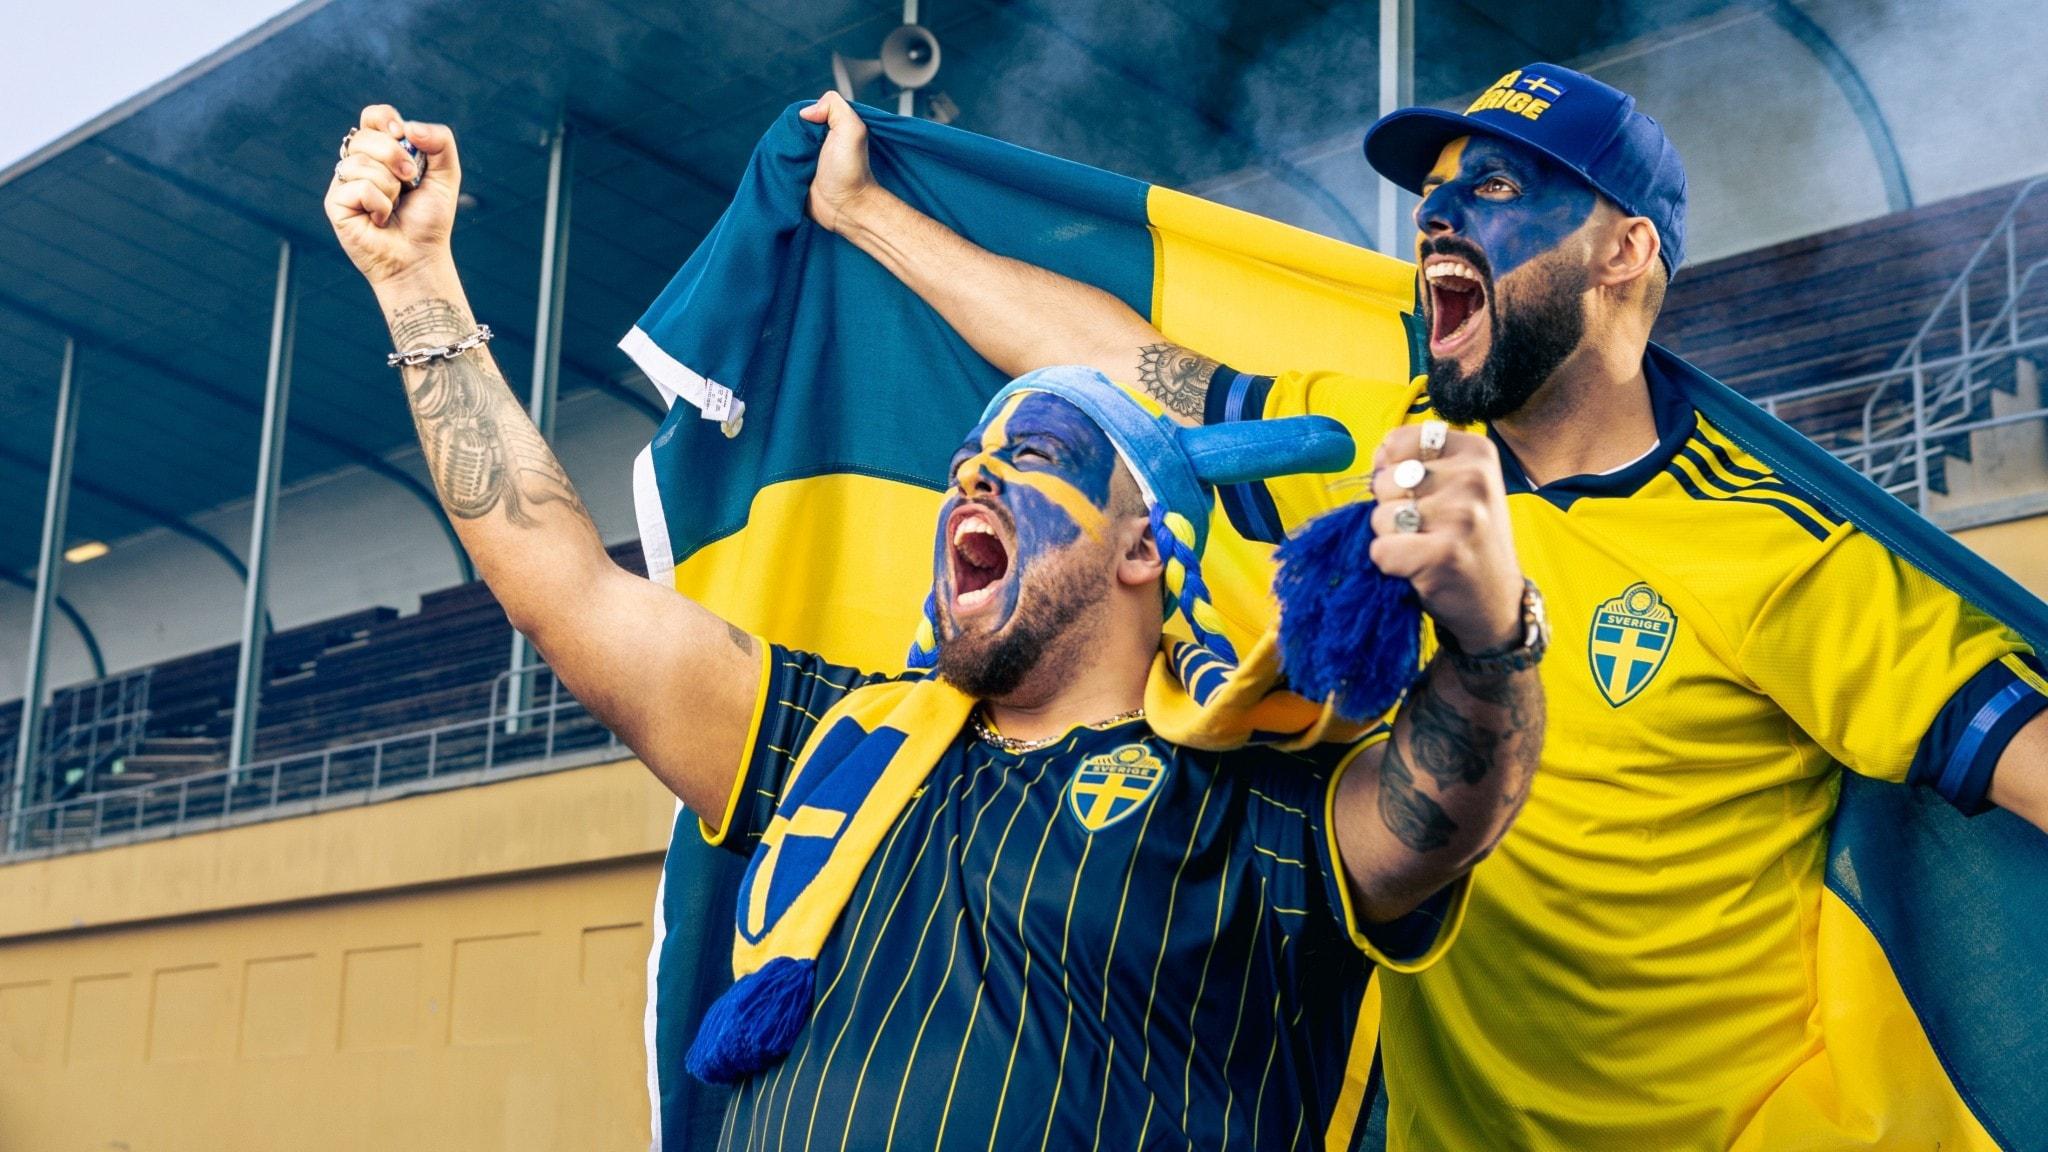 Artisterna Anis Don Demina och SAMI klädda i blågula fotbollskläder, målade i ansiktet och med händerna höjda.